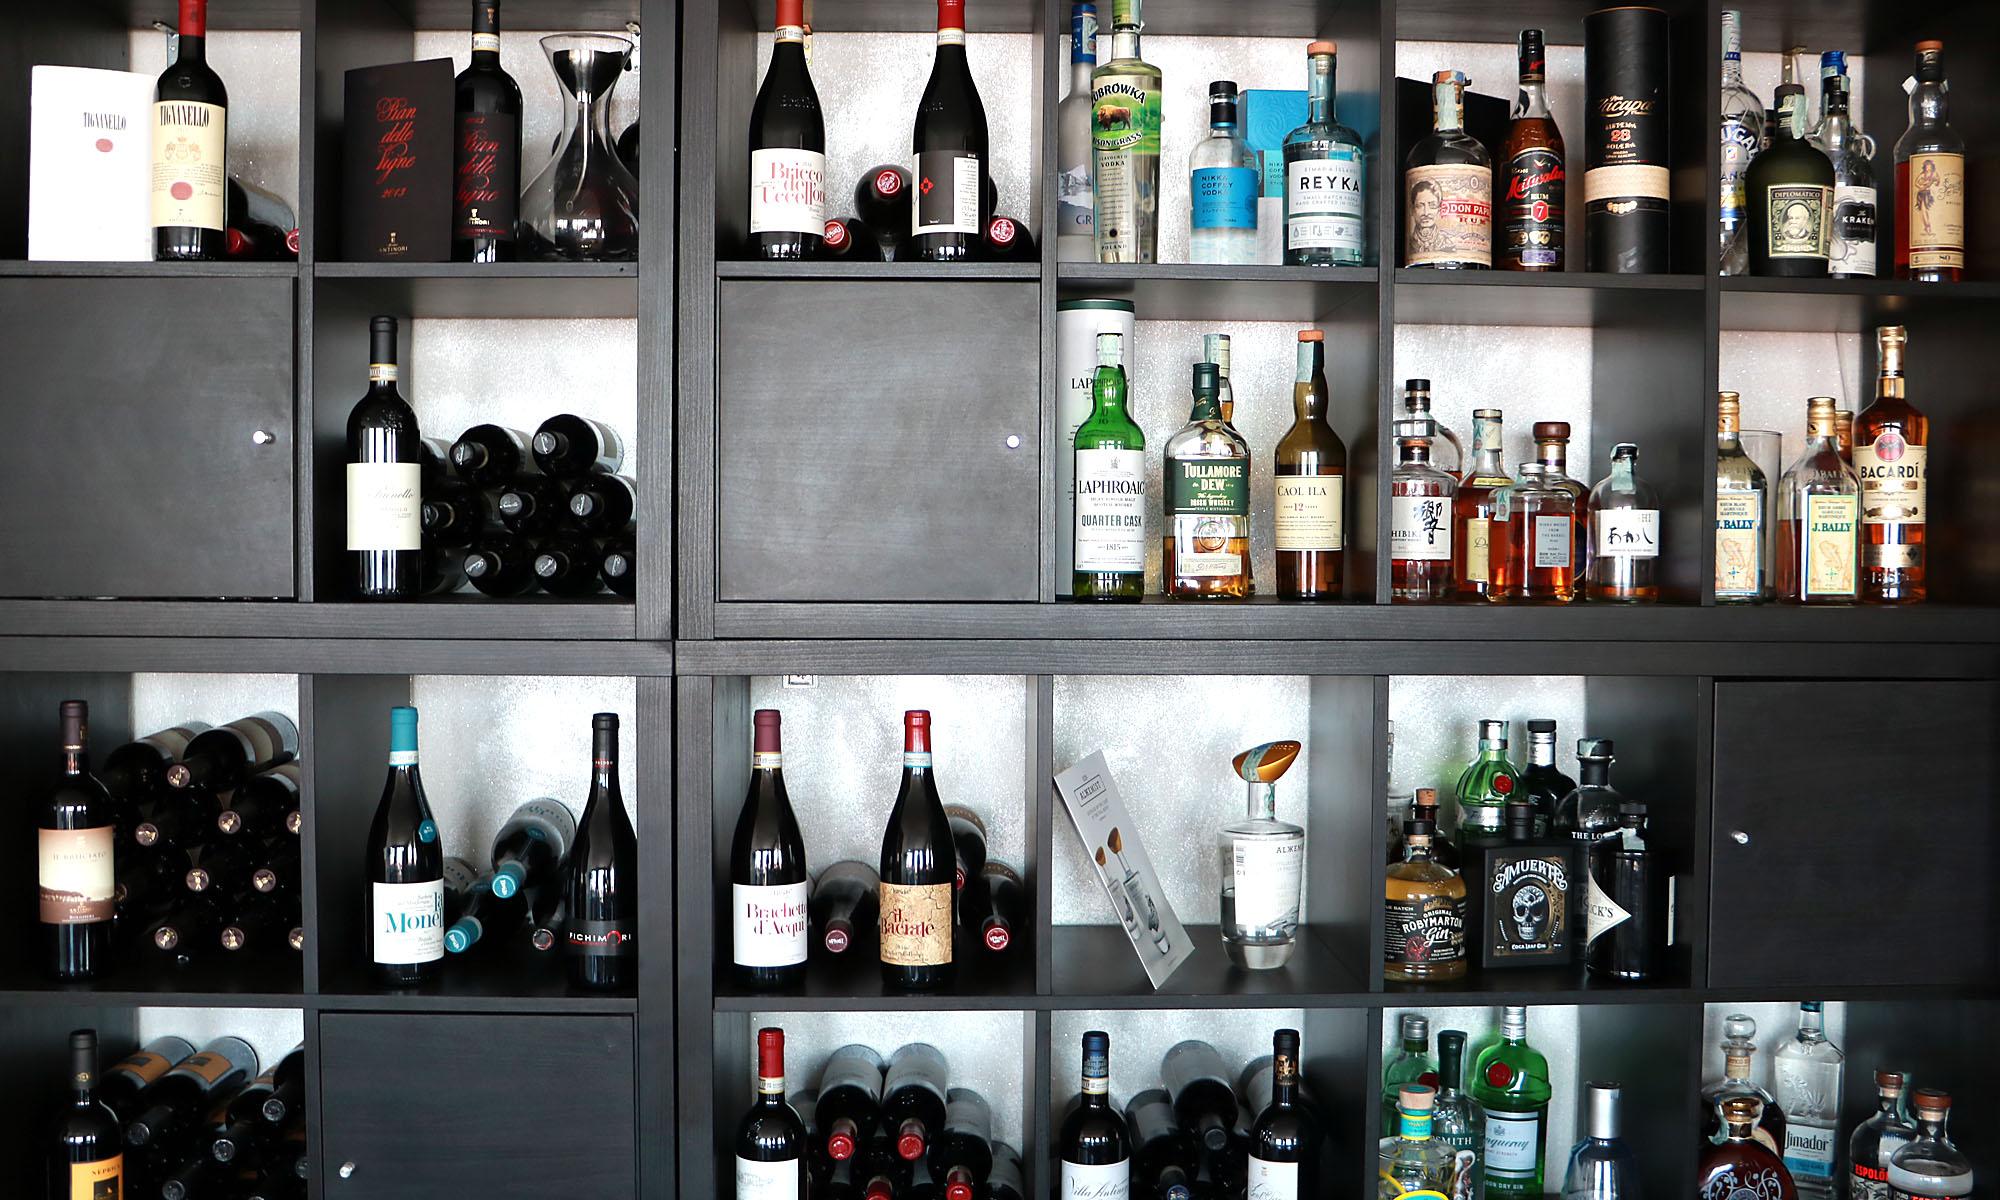 Vini & Birre Small